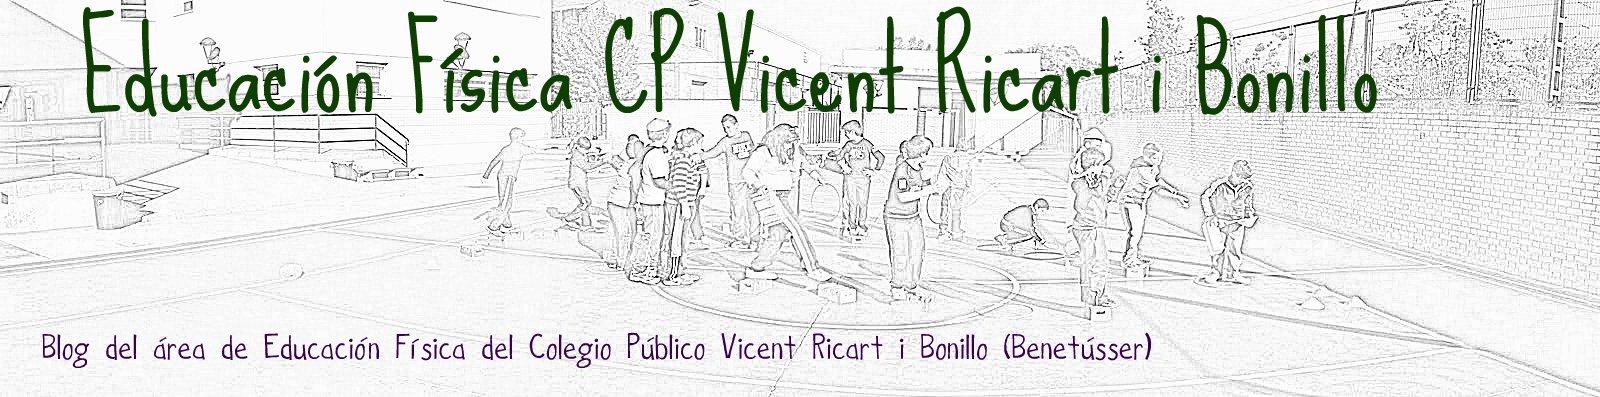 Educación Física CP Vicent Ricart i Bonillo